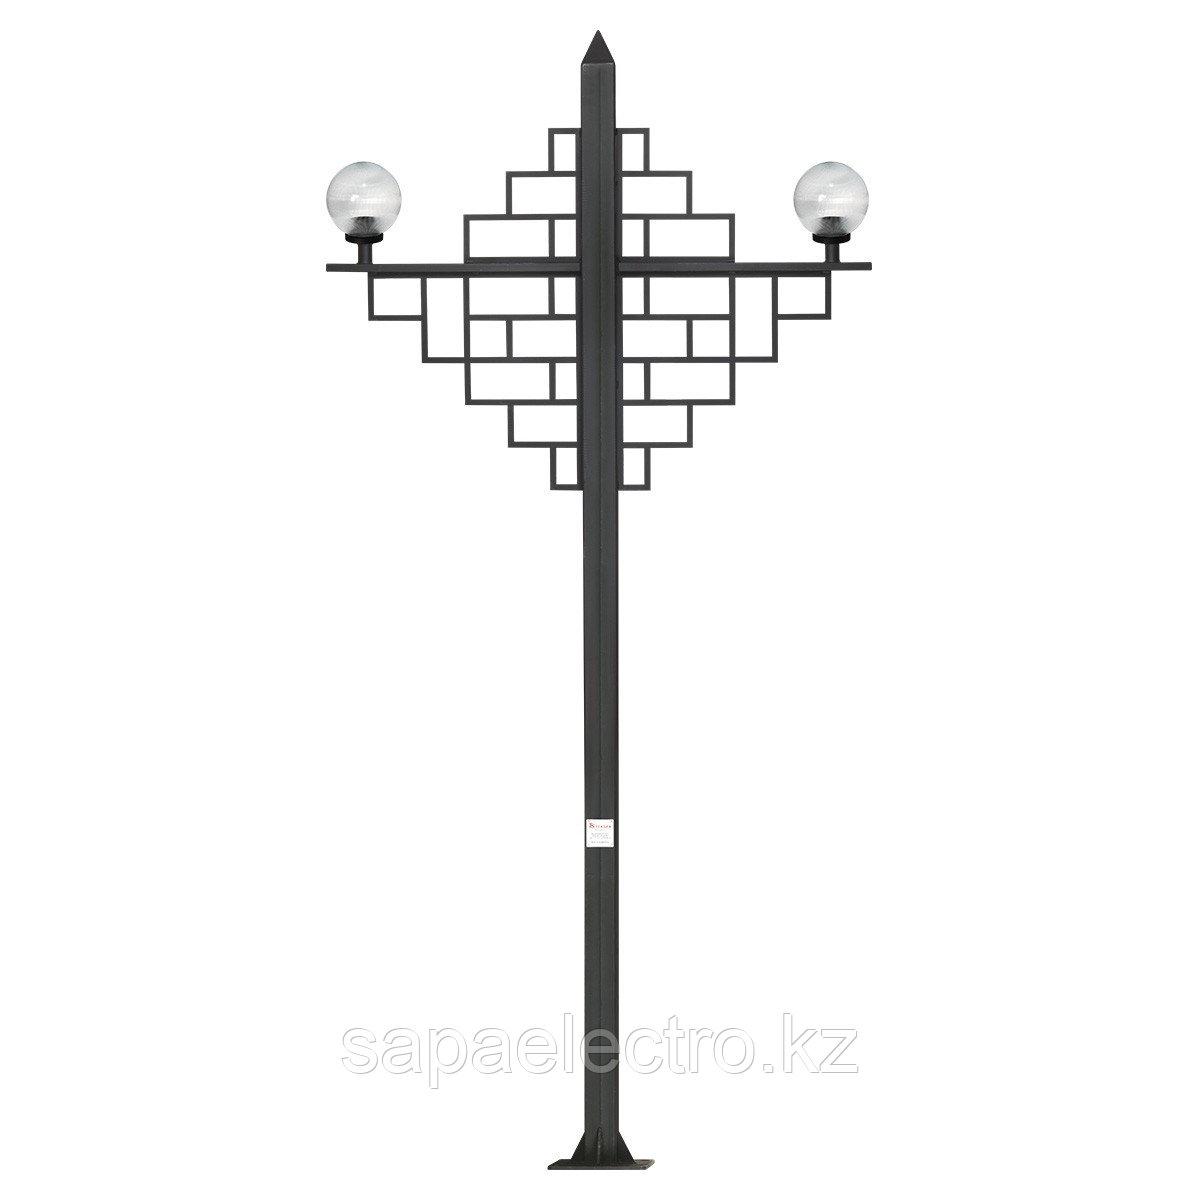 СТОЛБ DEKORATIF BRICK H-3,5м 80x80 MGL